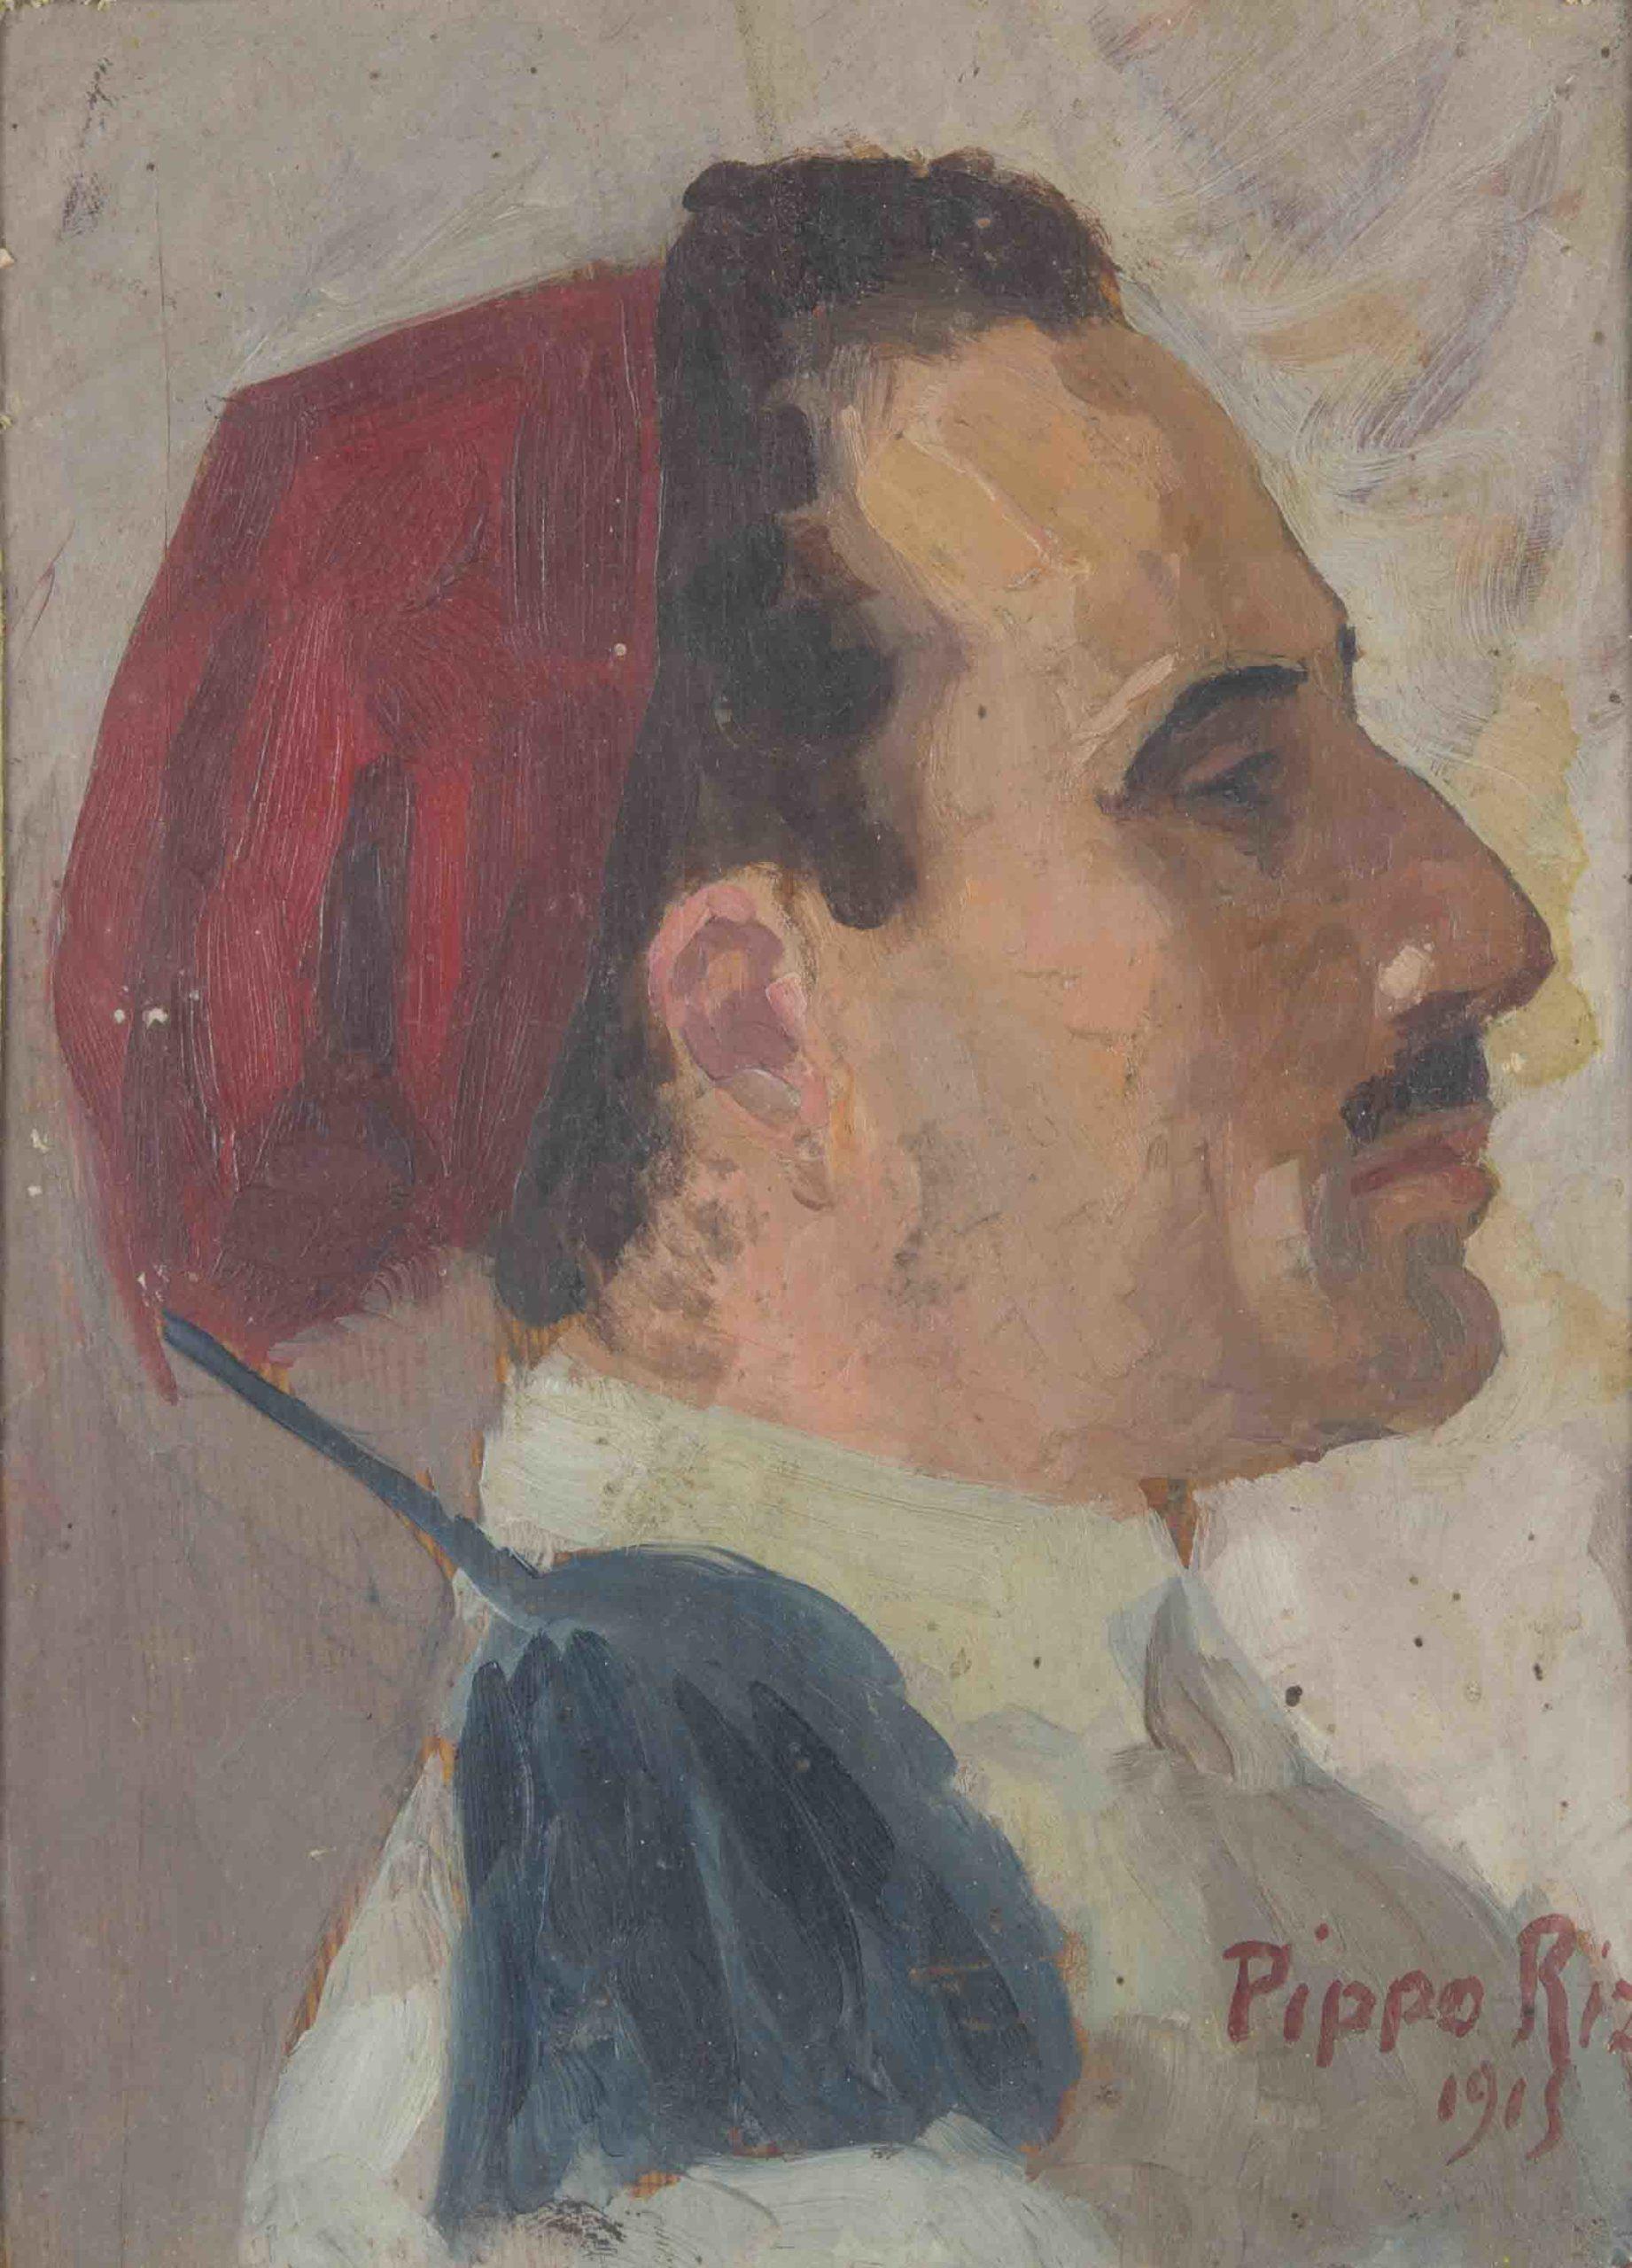 L'amico bersagliere - 1915